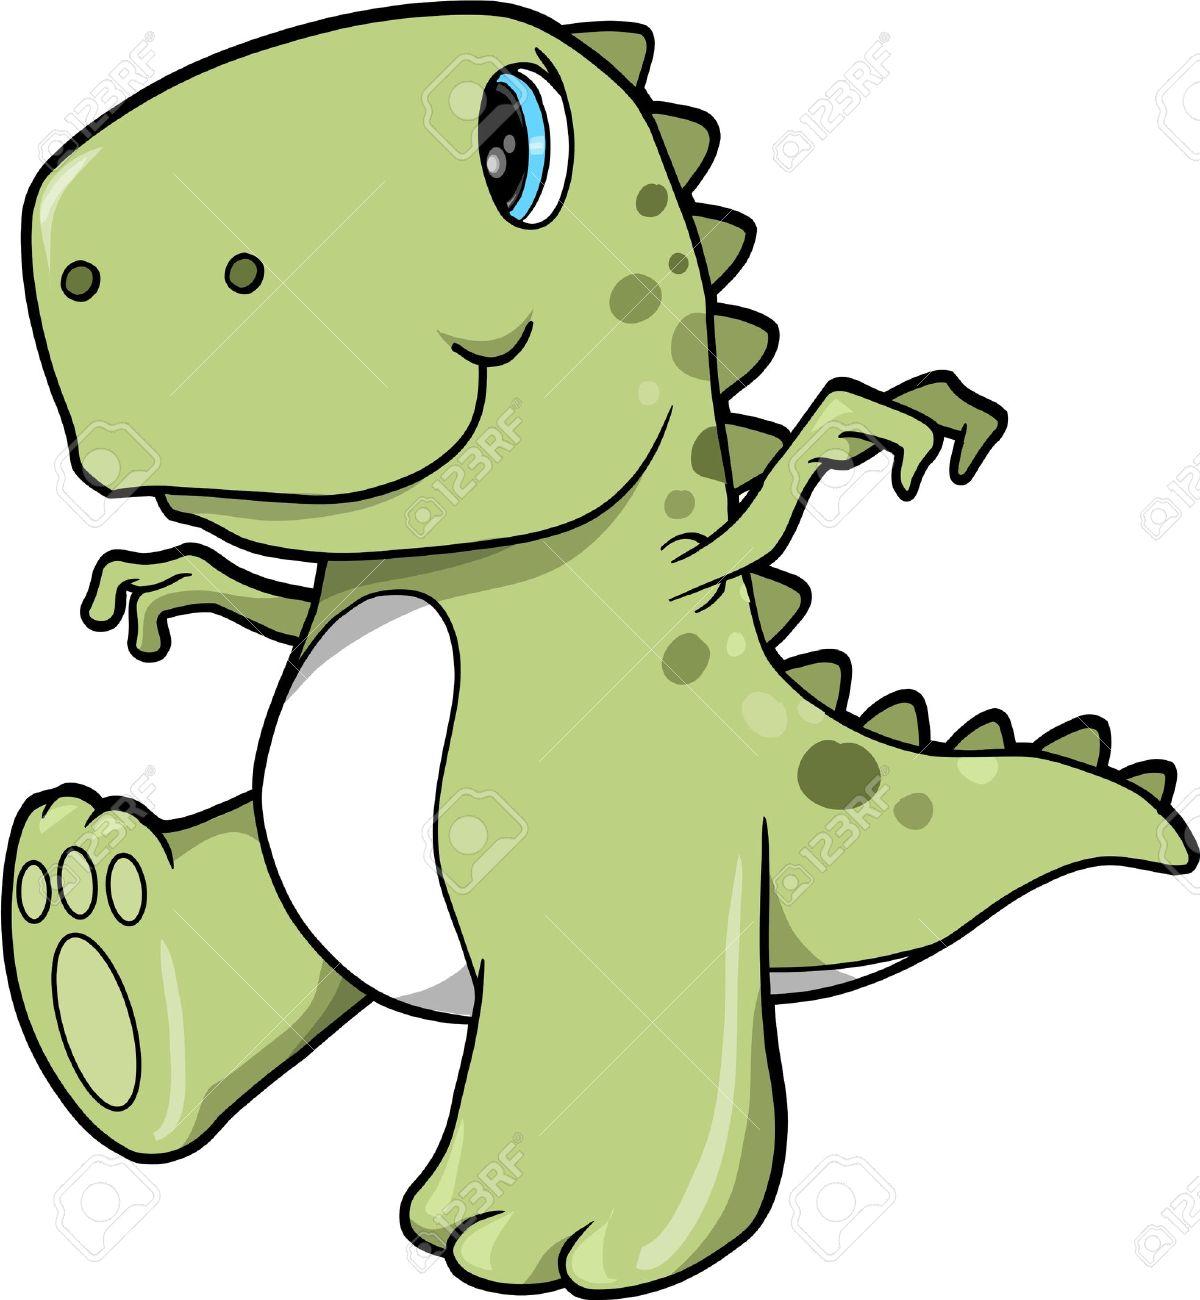 Cute Green Dinosaur T-Rex Vector Illustration Art - 12151187